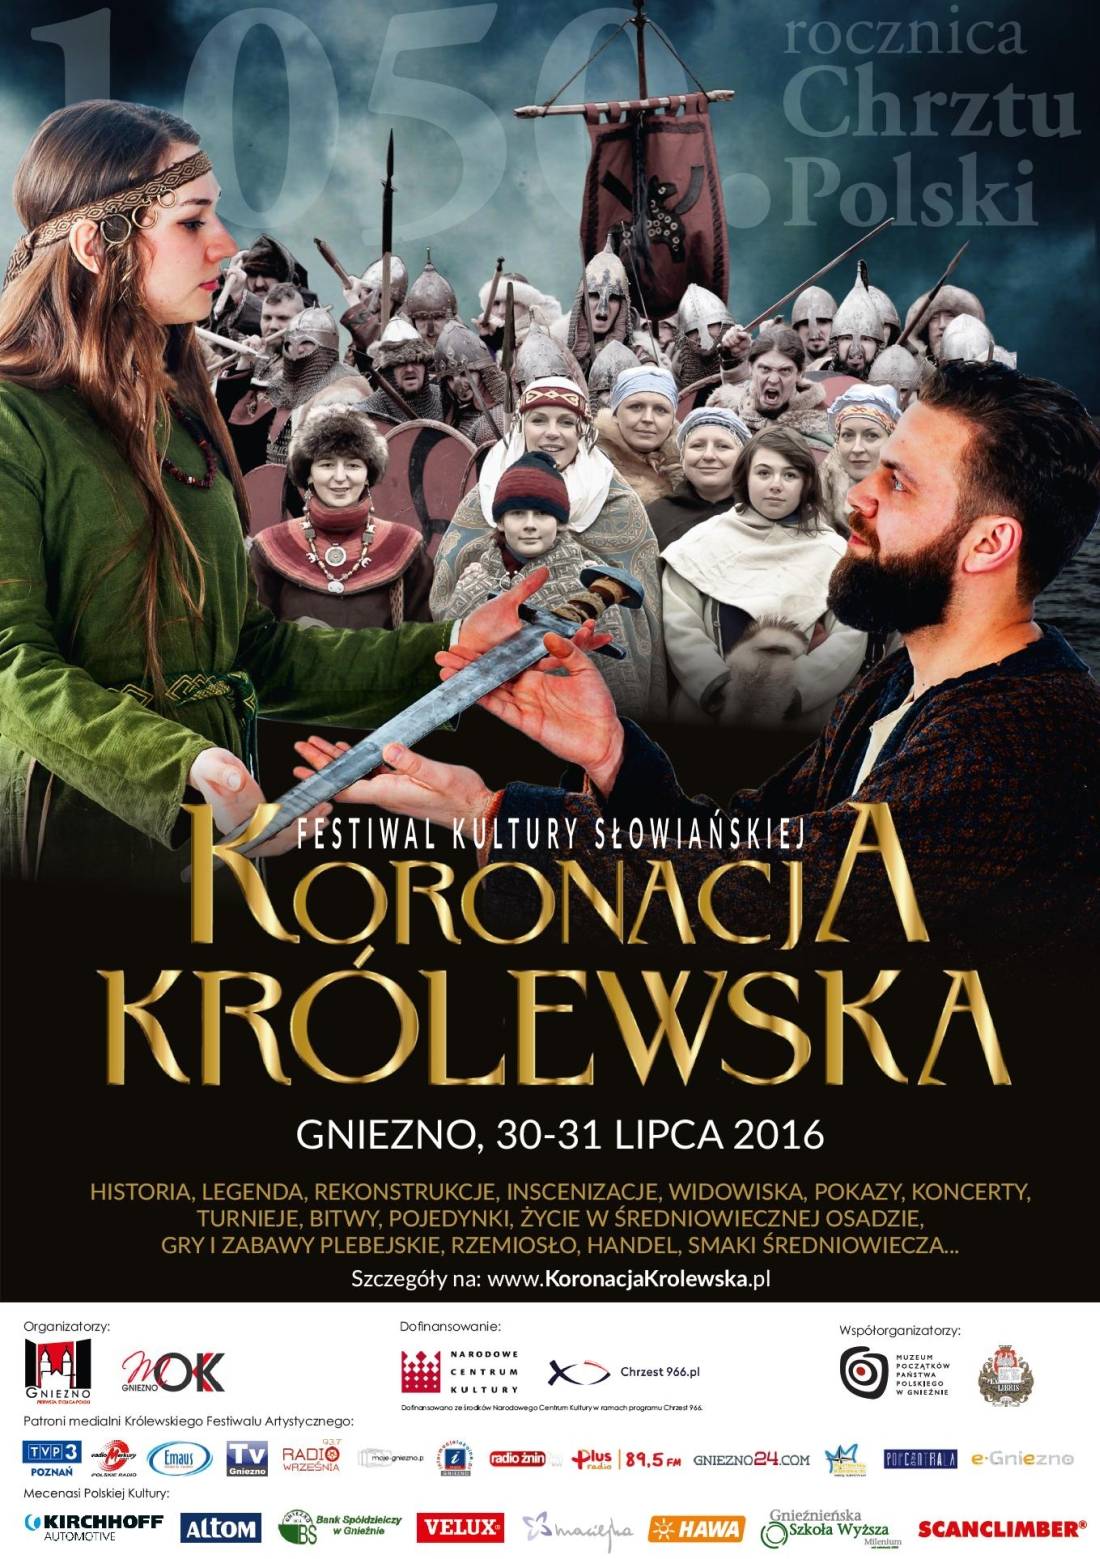 Gniezno: Koronacja Królewska. Festiwal Kultury Słowiańskiej